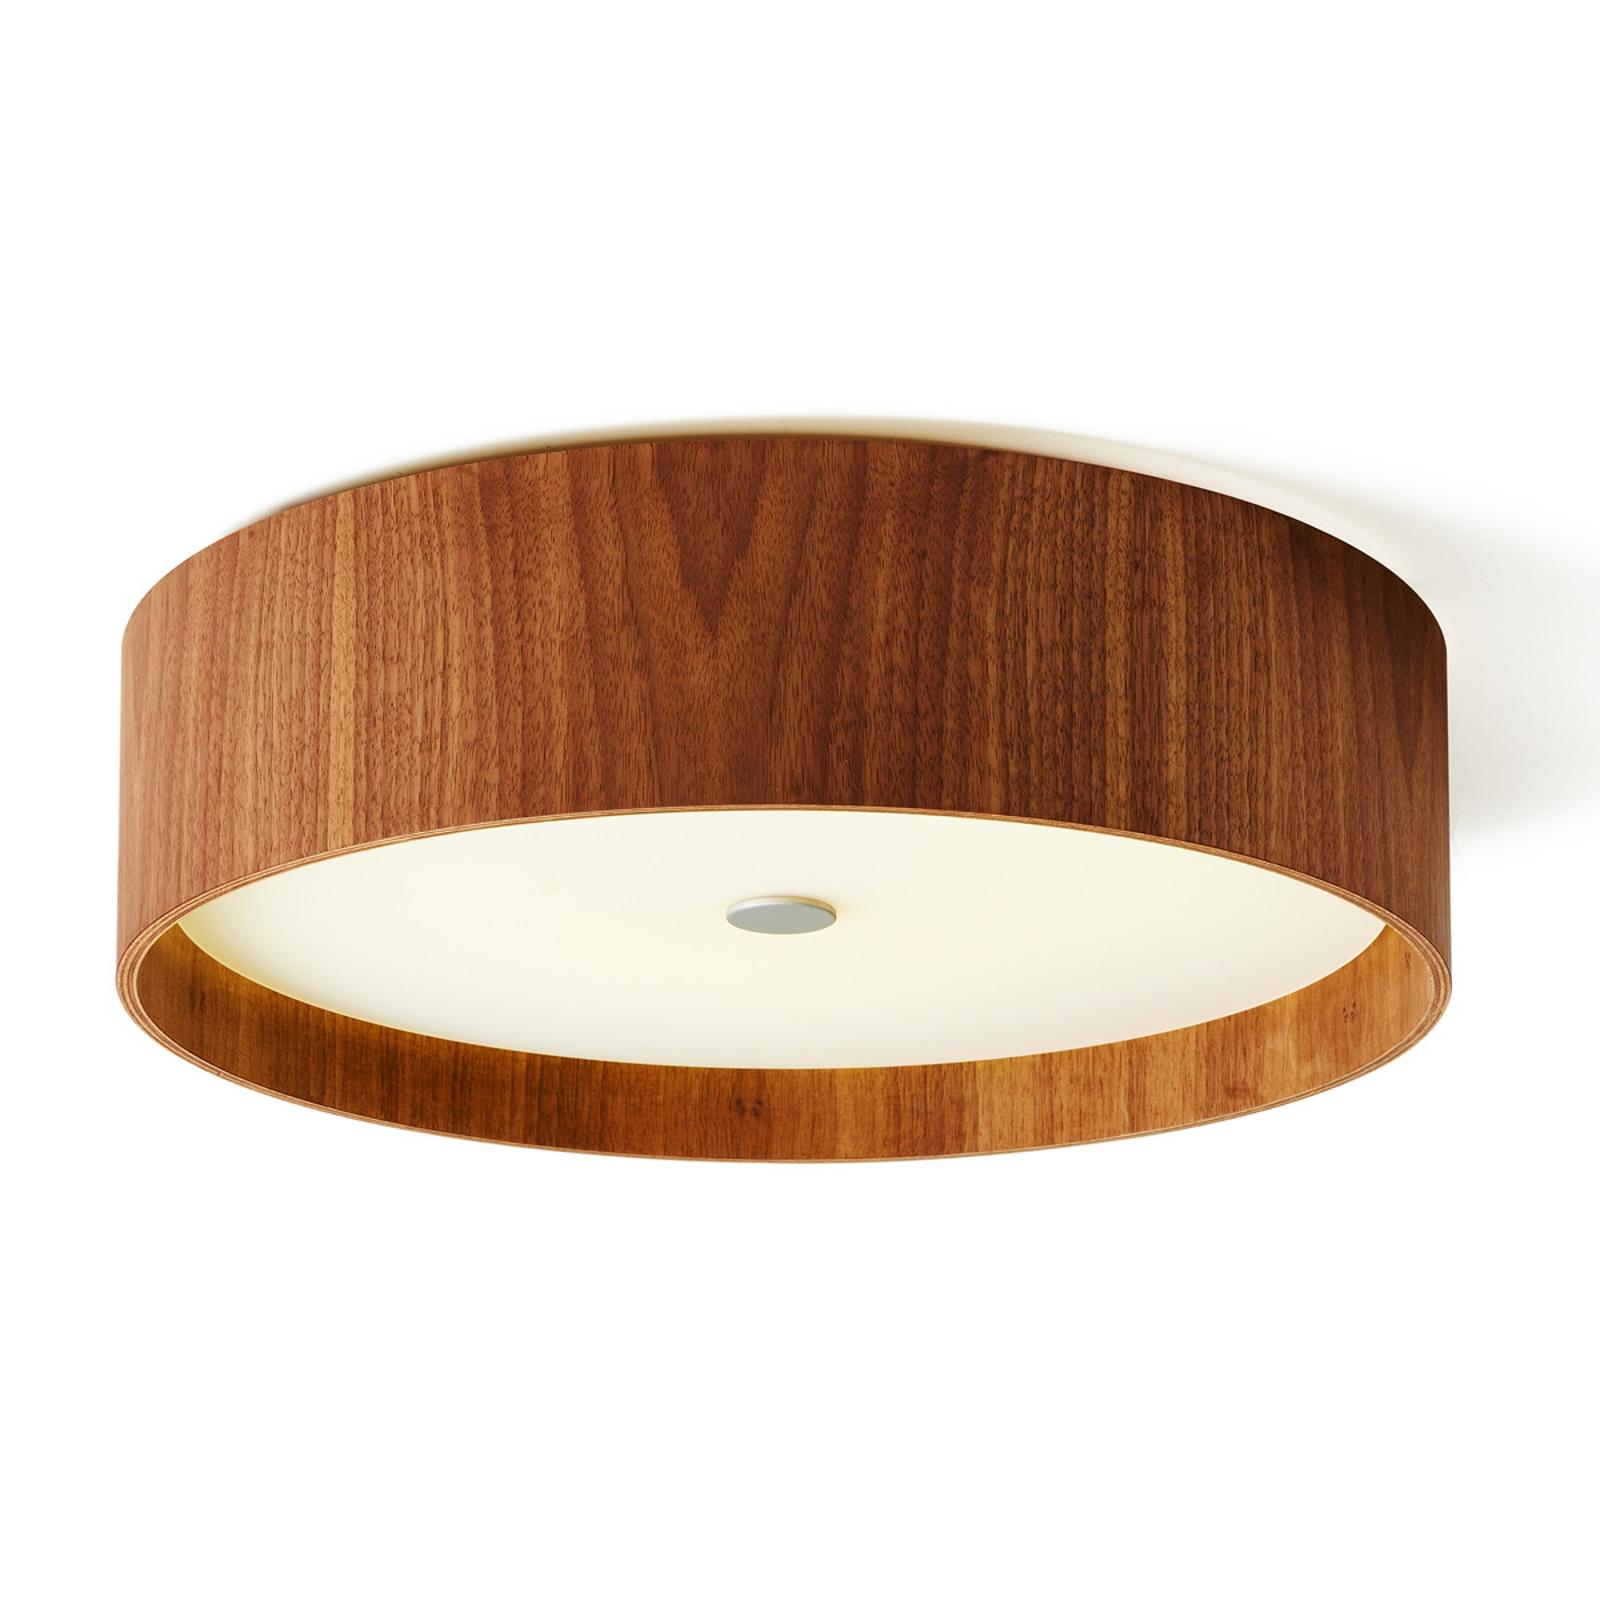 Lampa sufitowa LARAwood z LED, 43 cm